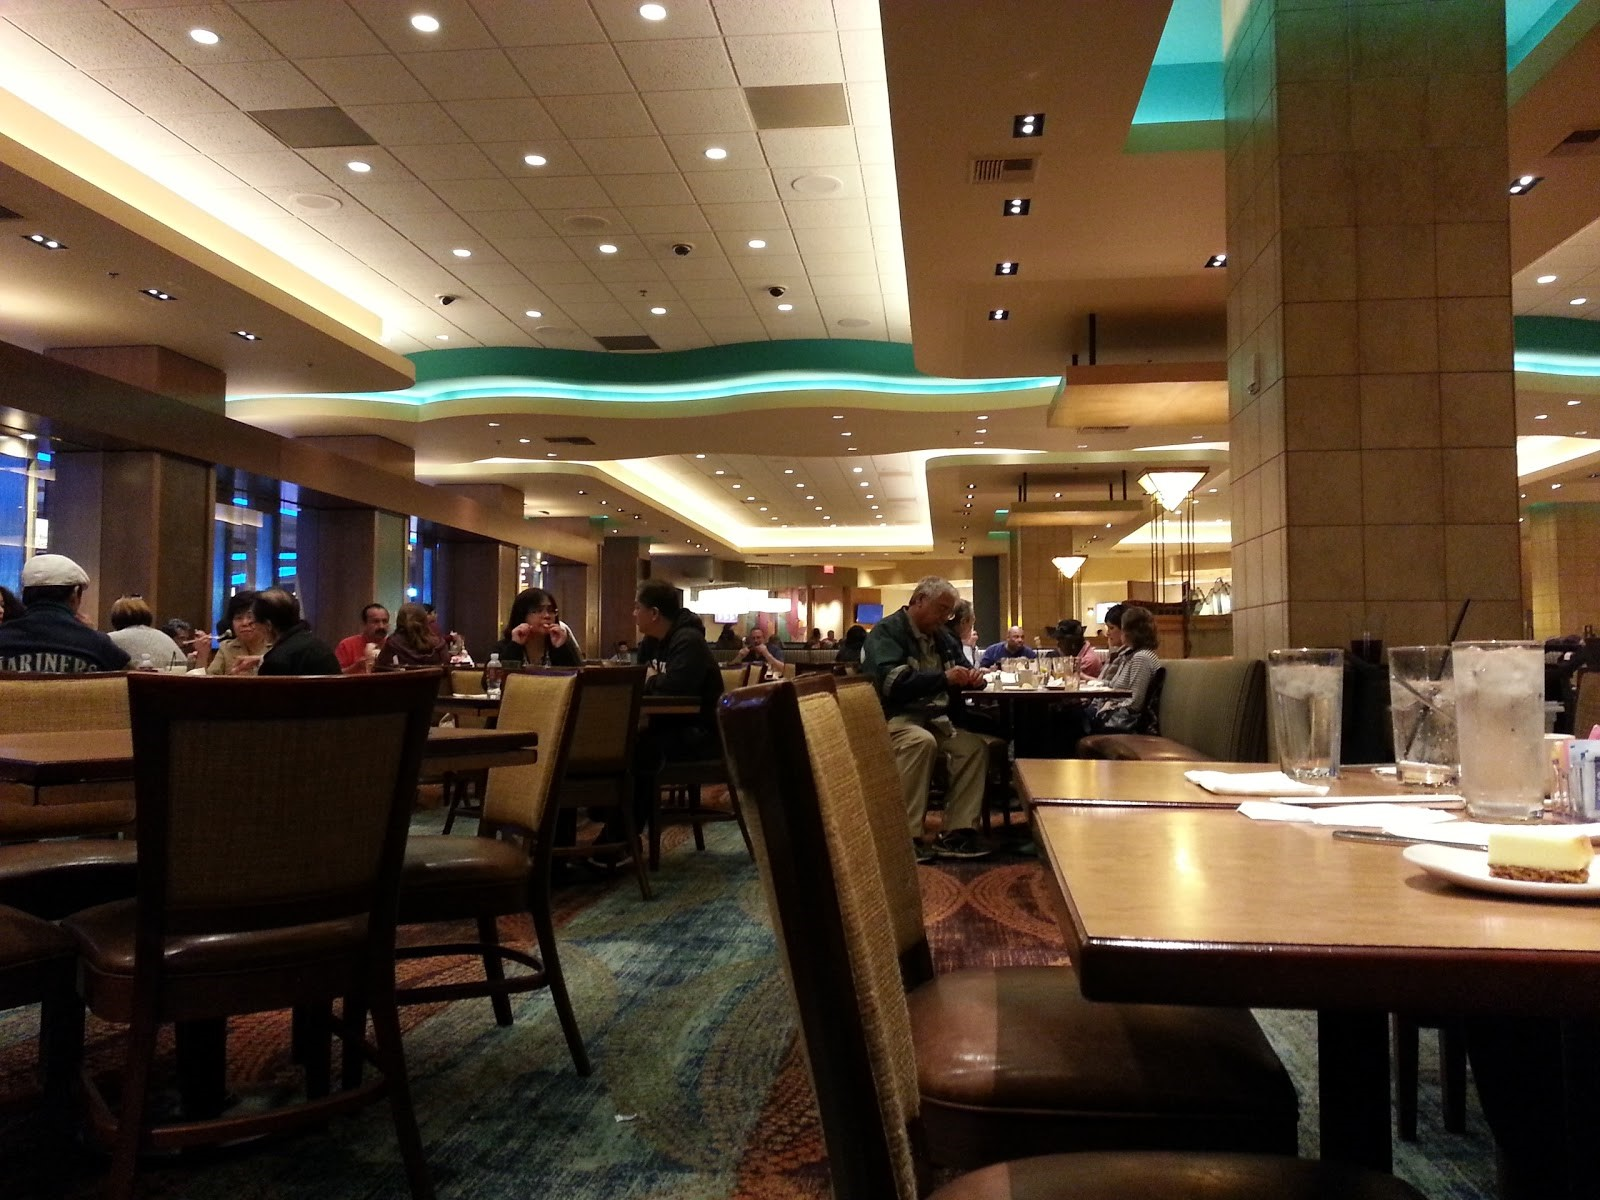 San manuel casino serrano buffet